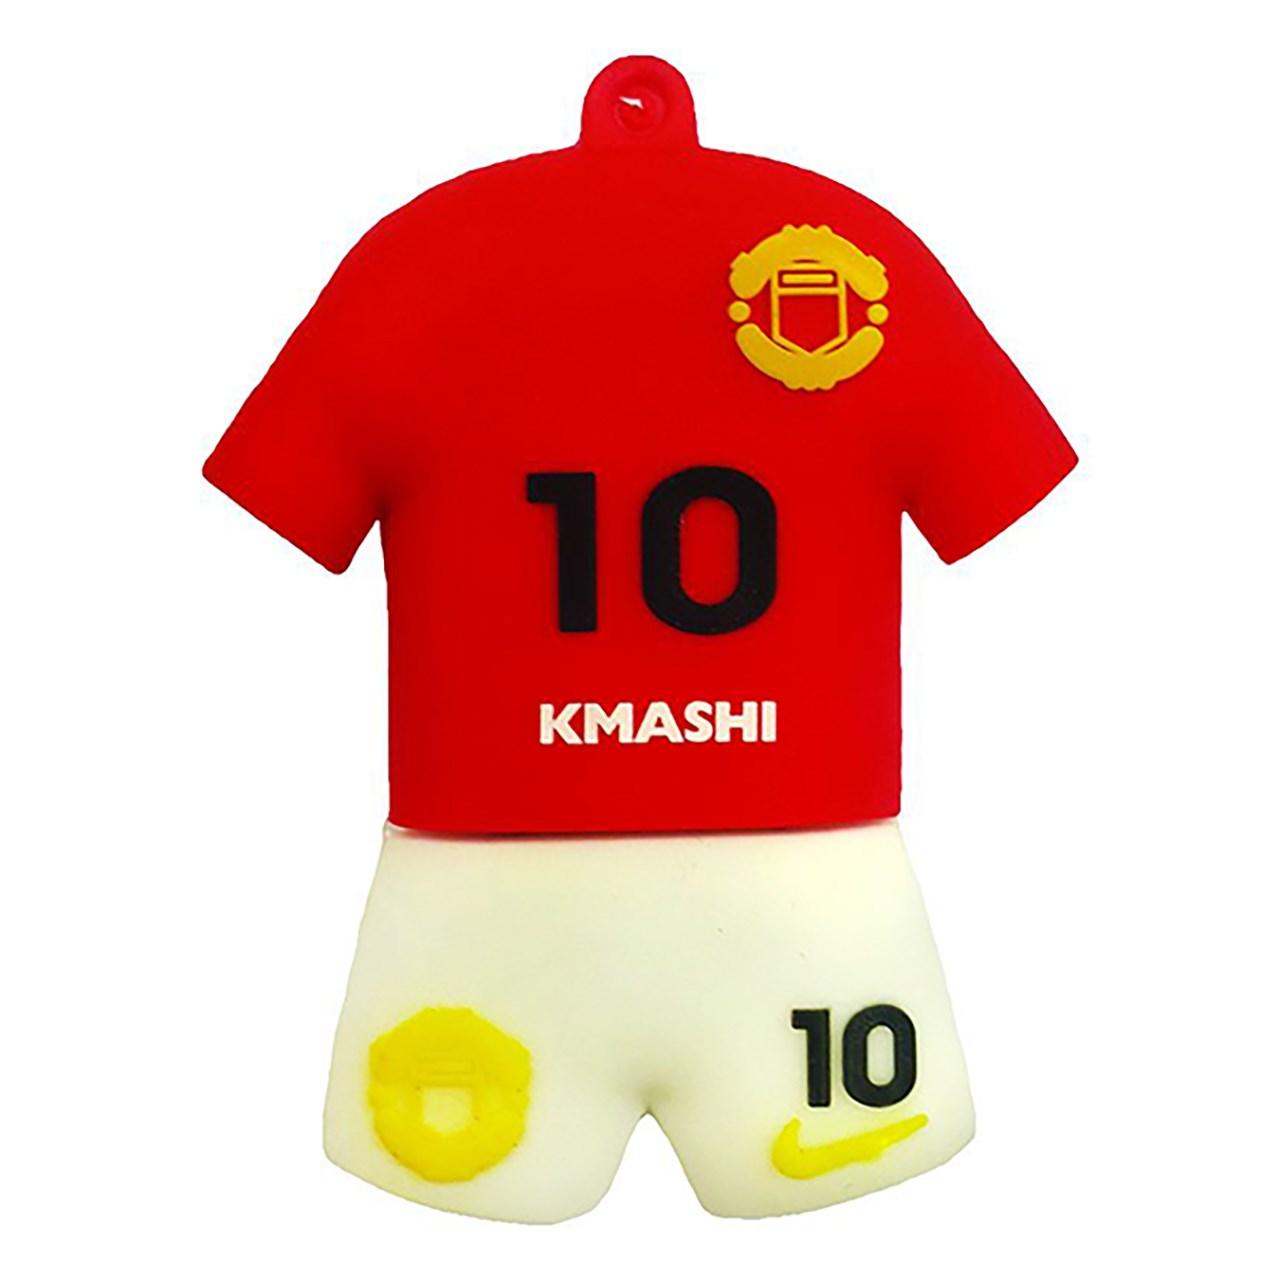 فلش مموری کیماشی مدل Man Utd ظرفیت 16 گیگابایت